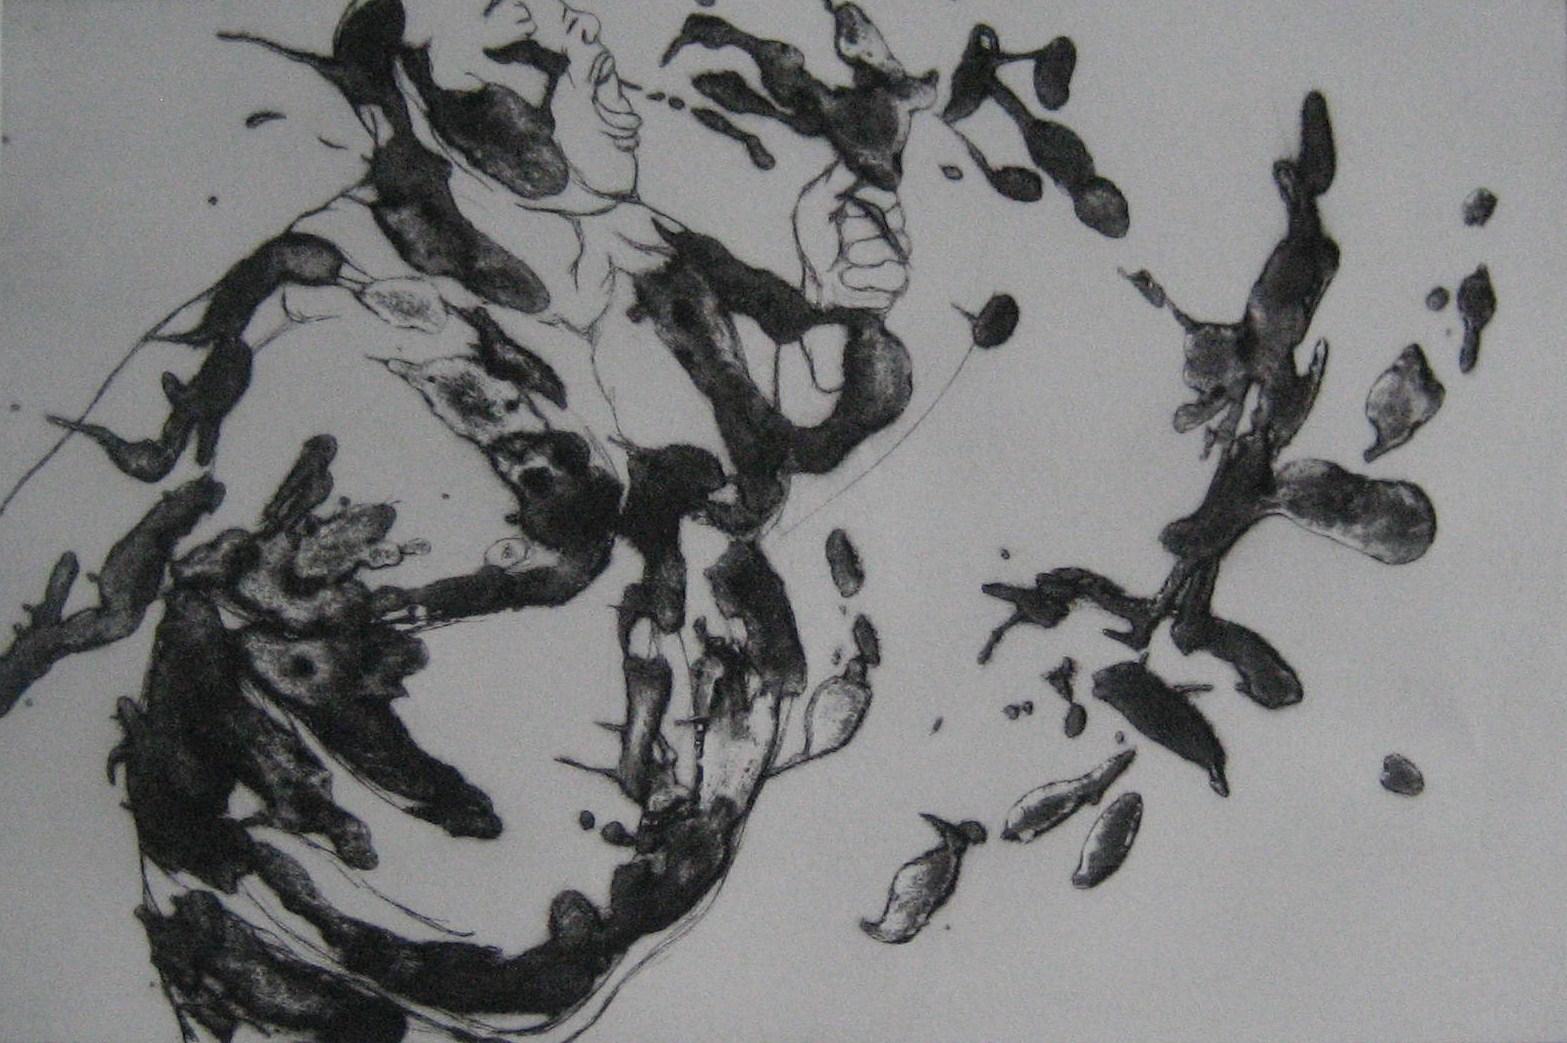 Misérables ! - Pointe sèche et carborundum sur zinc - 2012